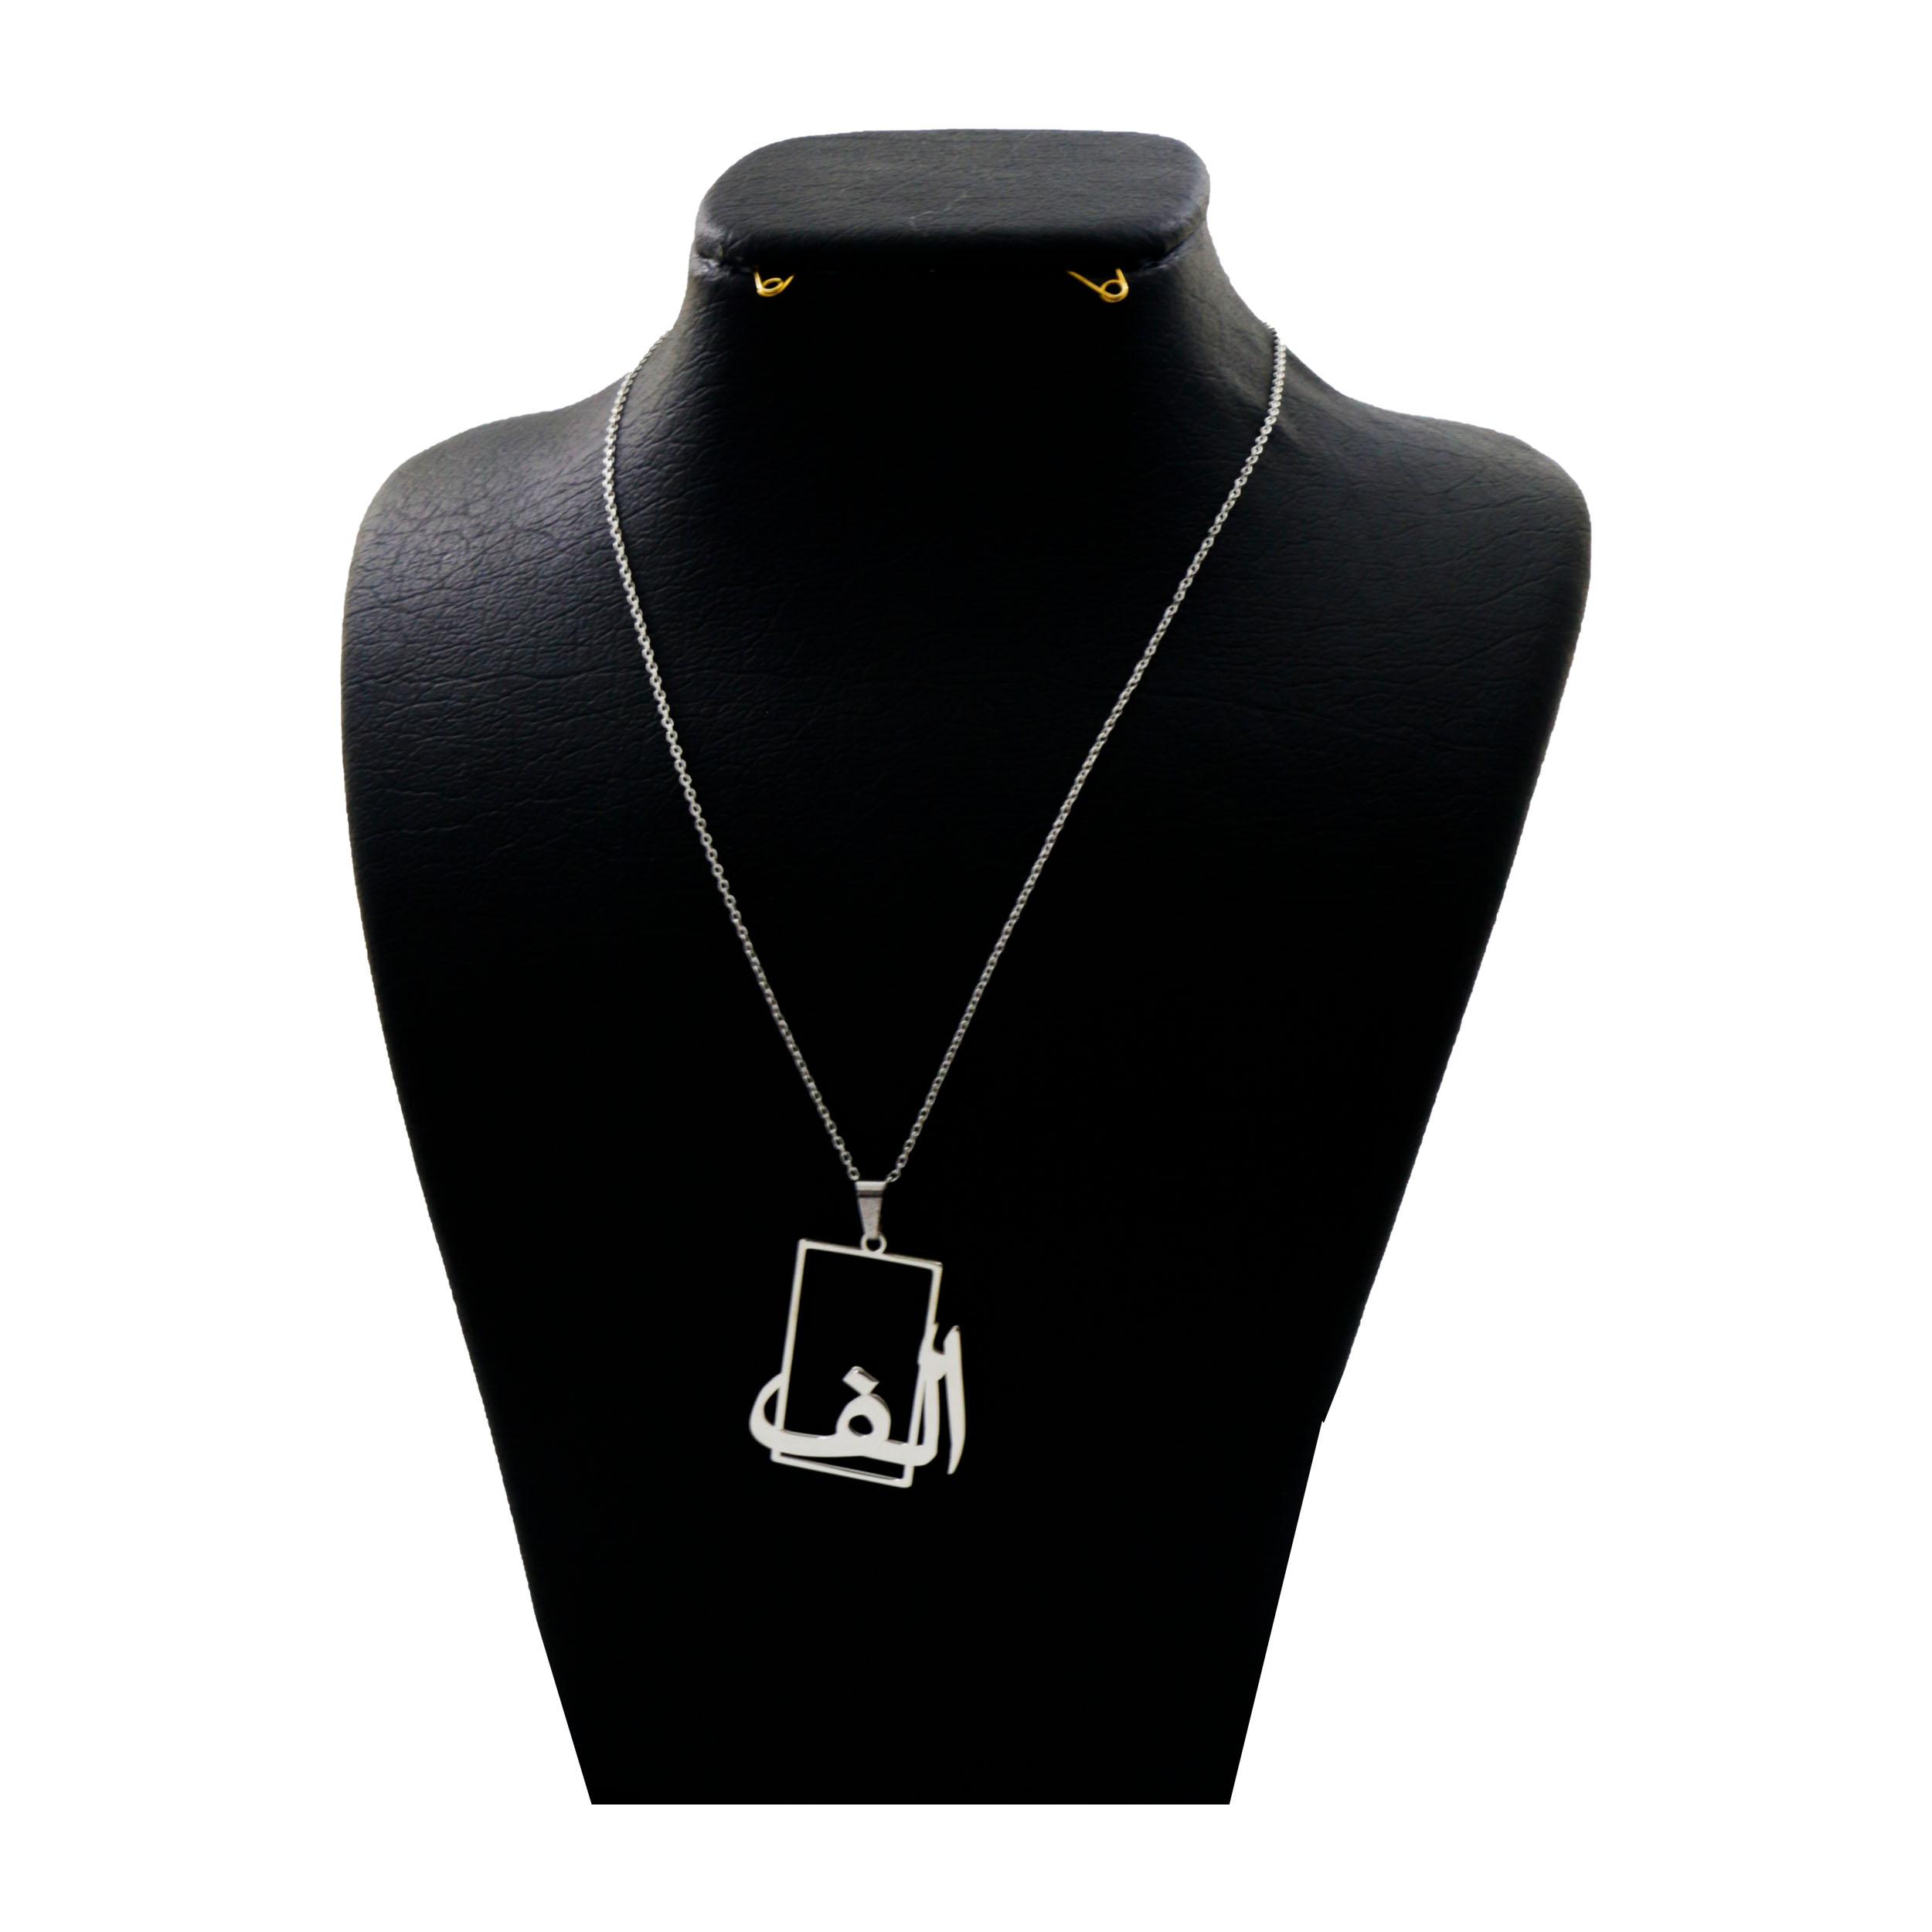 گردنبند نقره زنانه دلی جم طرح الف کد D 67 -  - 2